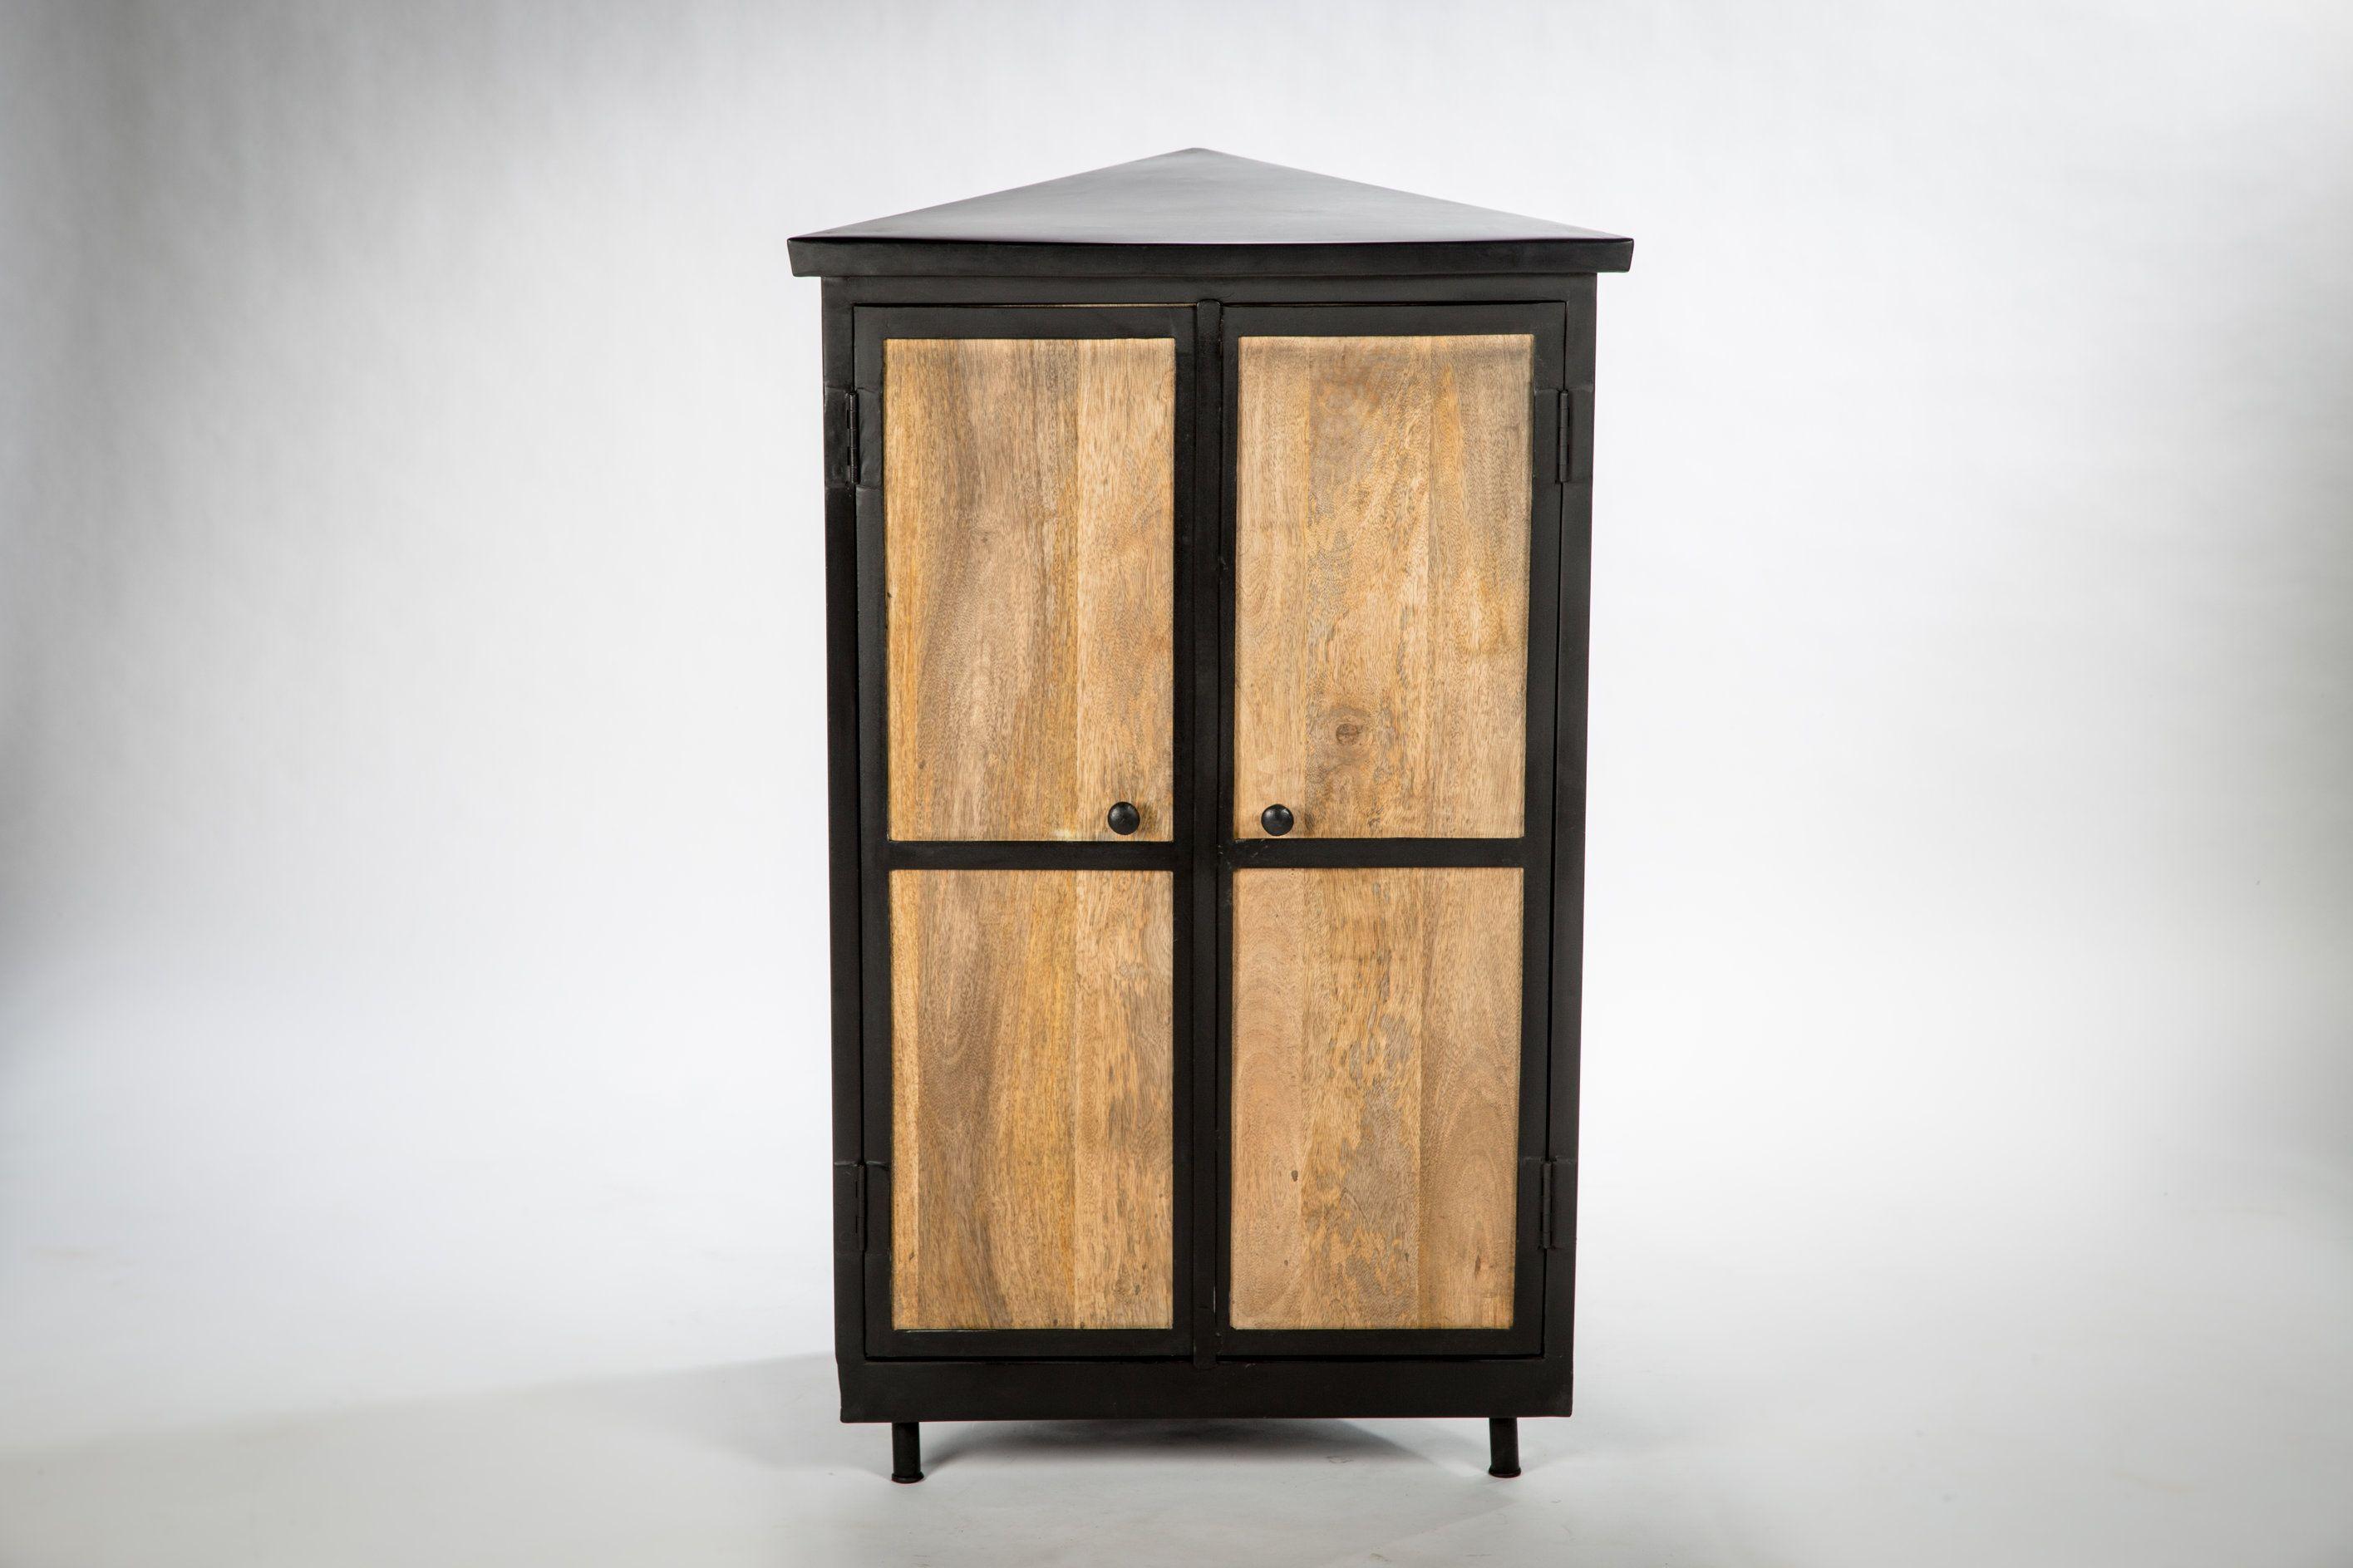 meuble d angle design bois et metal